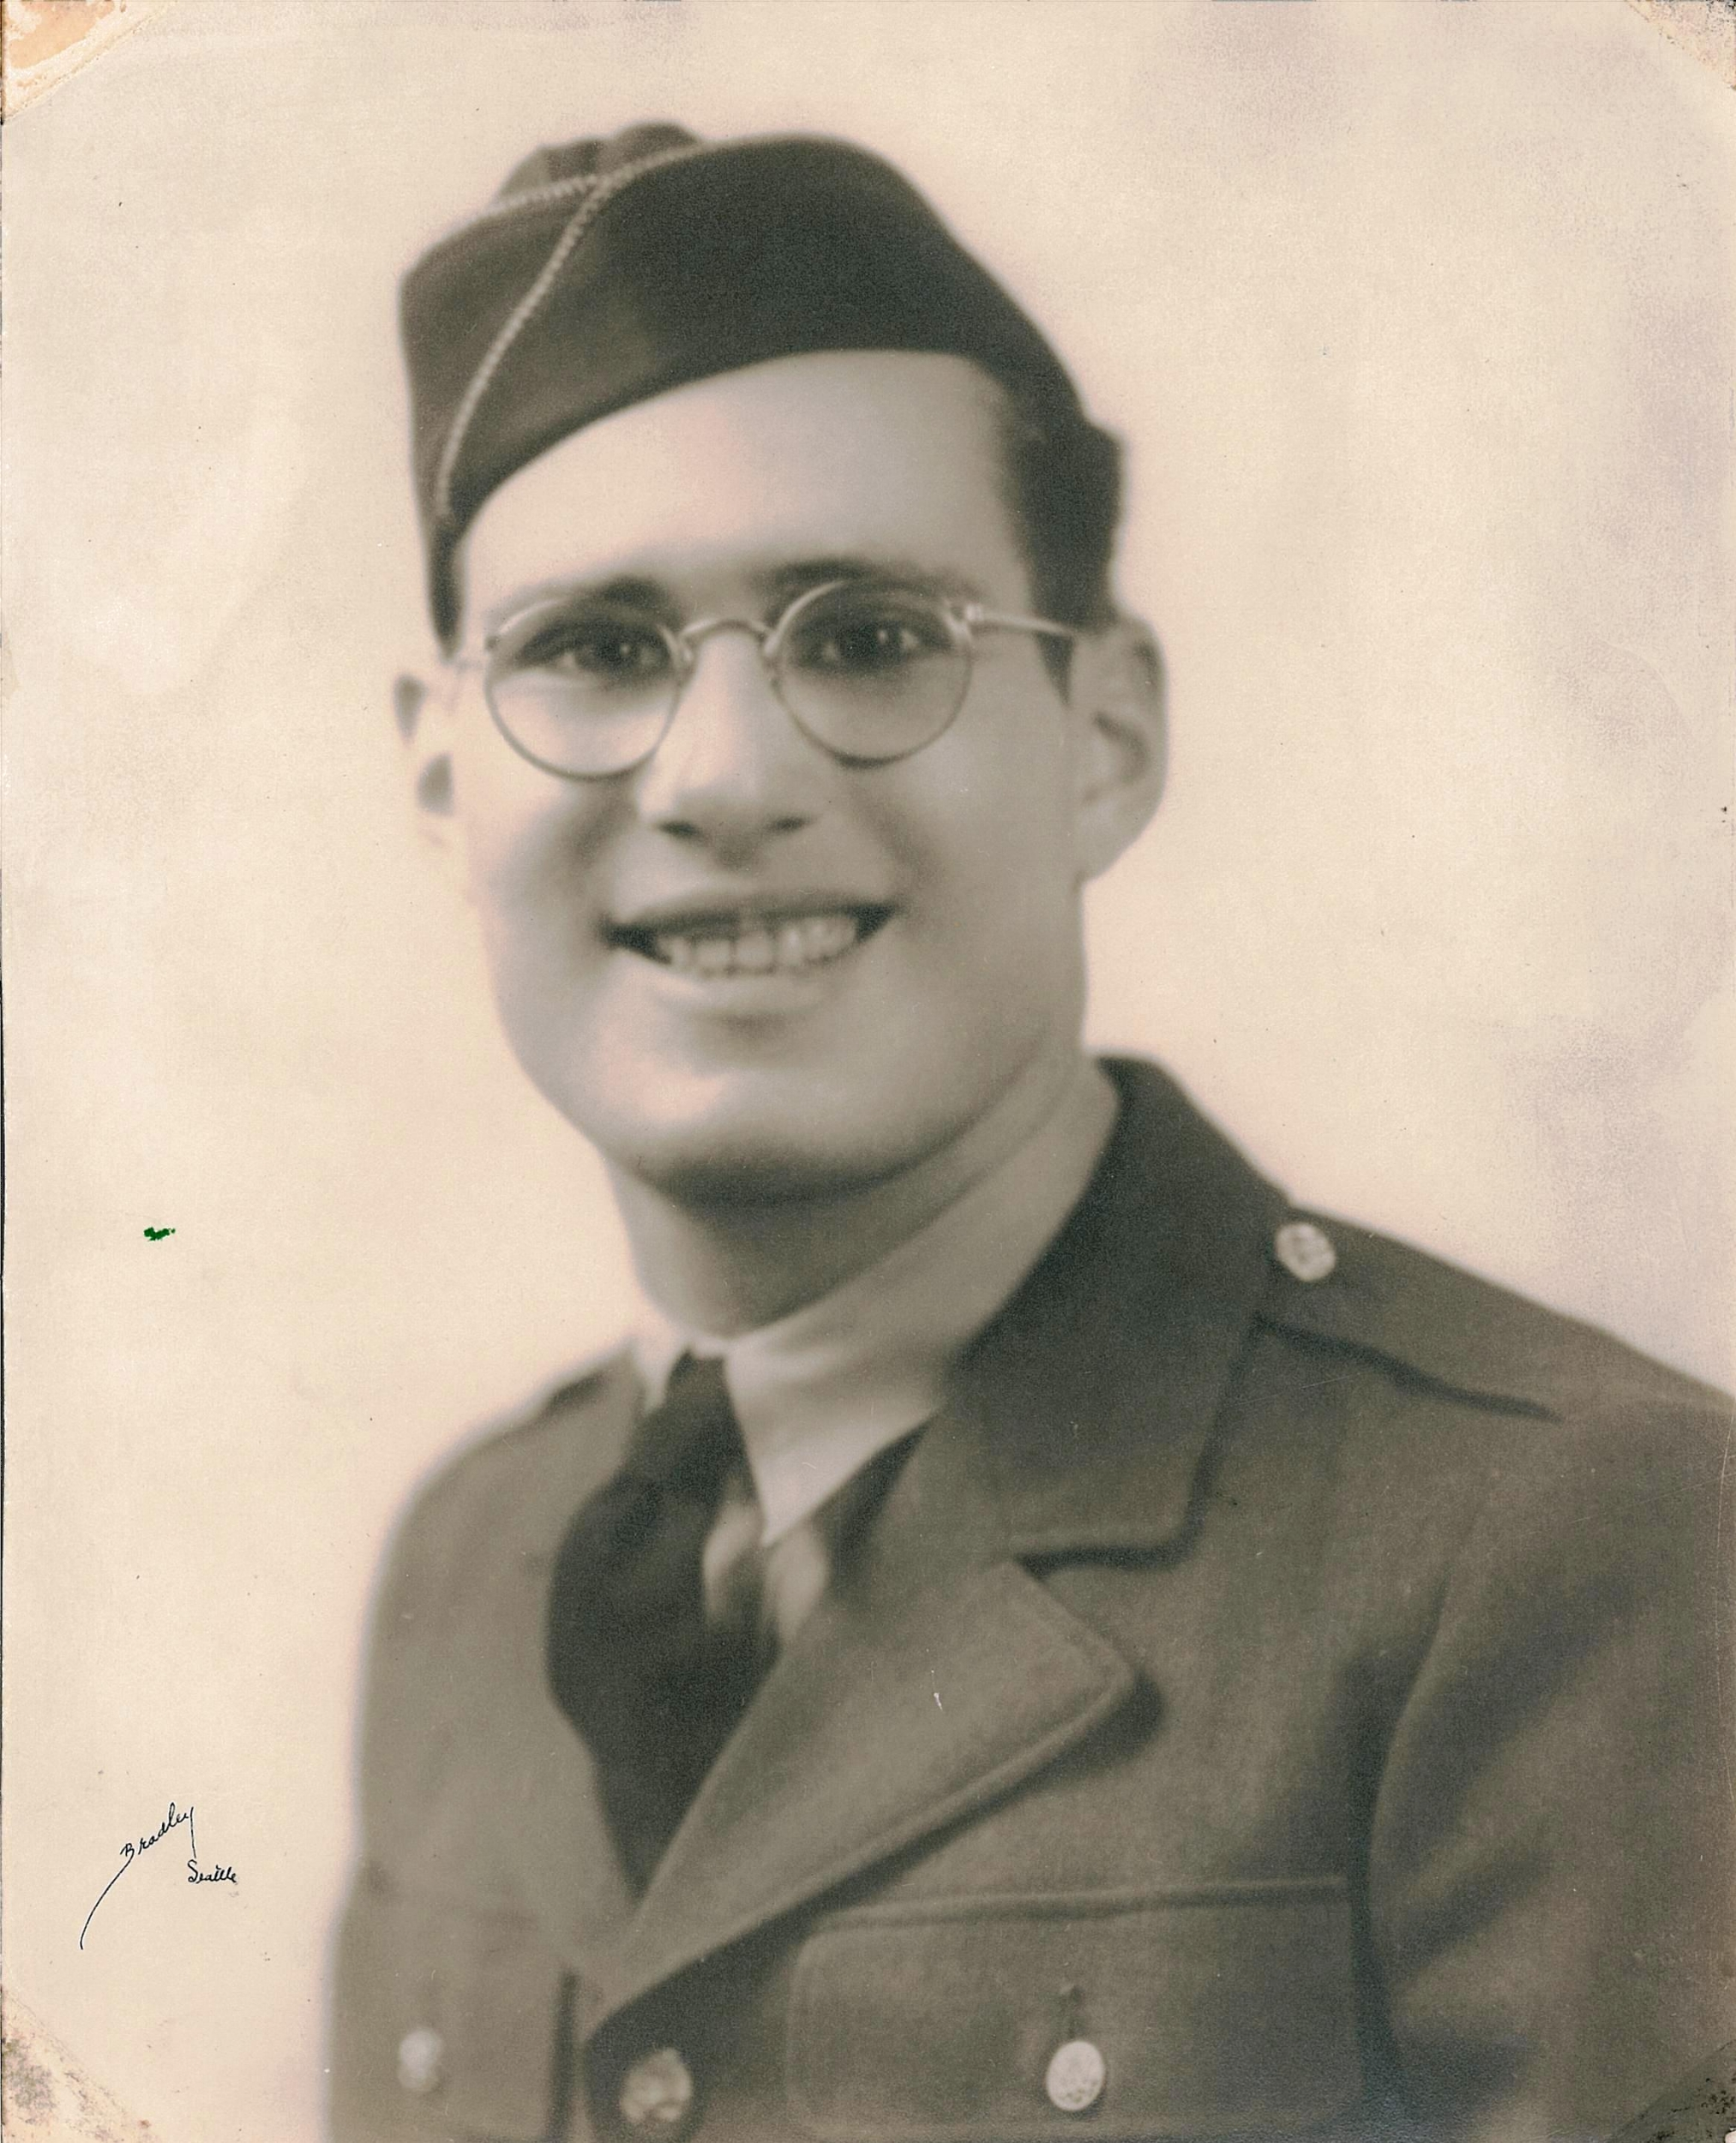 Dad WW II Service Photo.jpeg